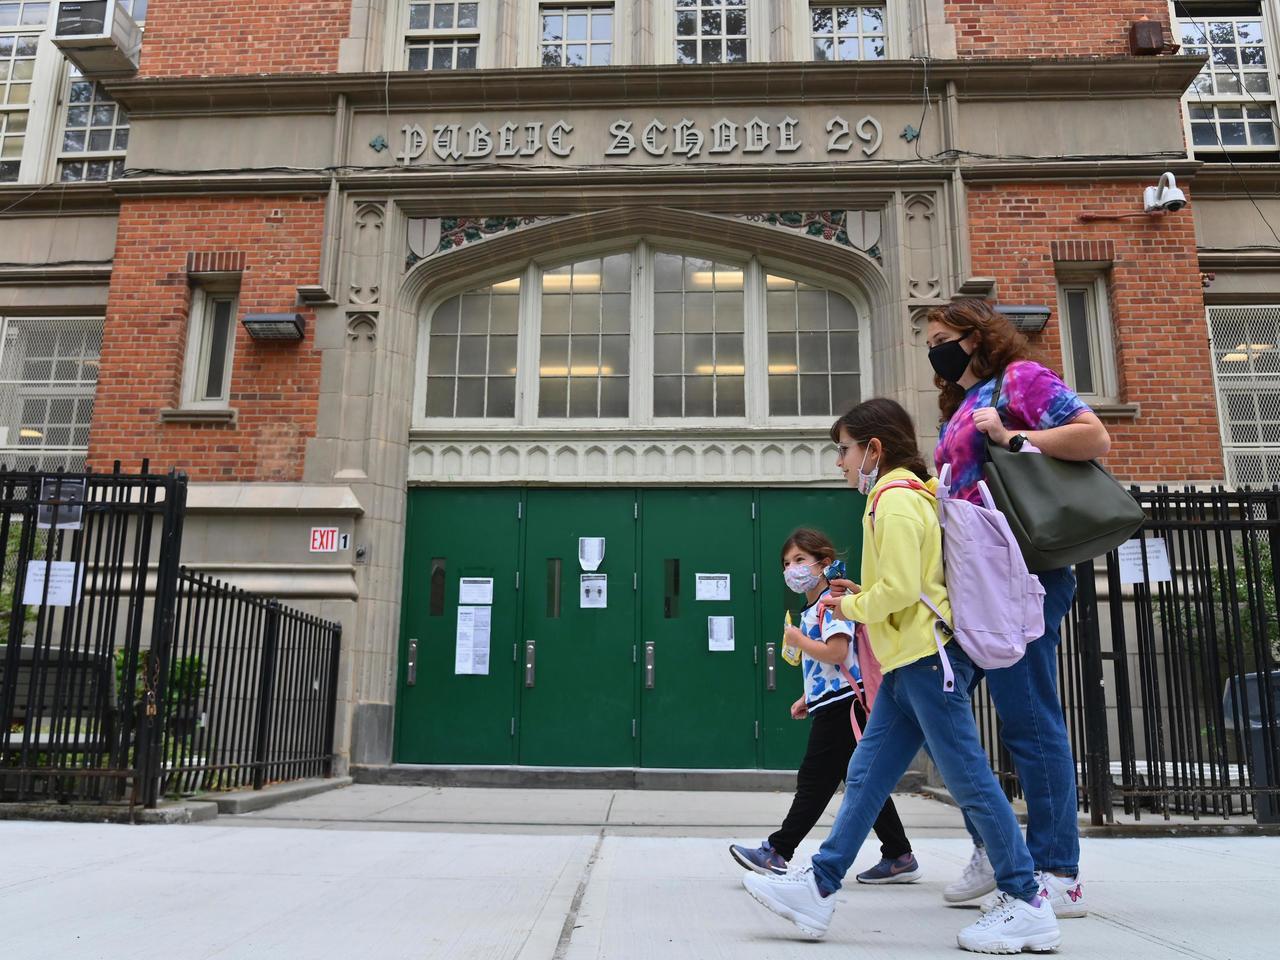 عودة مدارس نيويورك بالكامل إلى التعليم الحضوري خلال الخريف المقبل